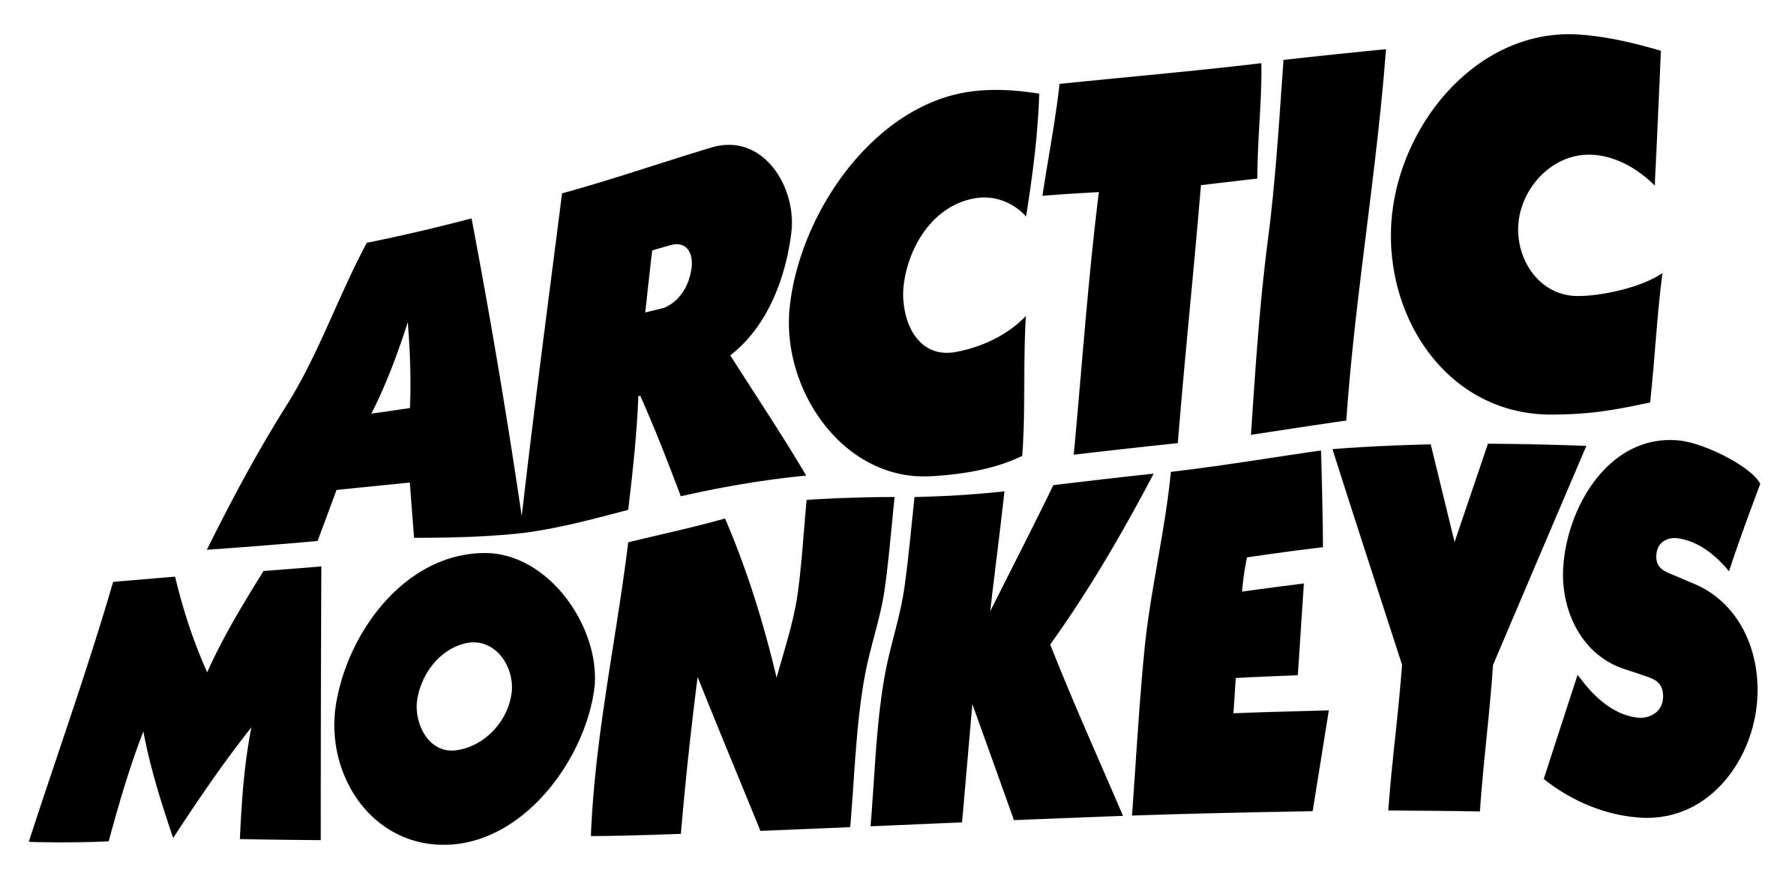 10 Arctic Monkeys Logo Png Monkey Logo Arctic Monkeys Wallpaper Arctic Monkeys Album Cover